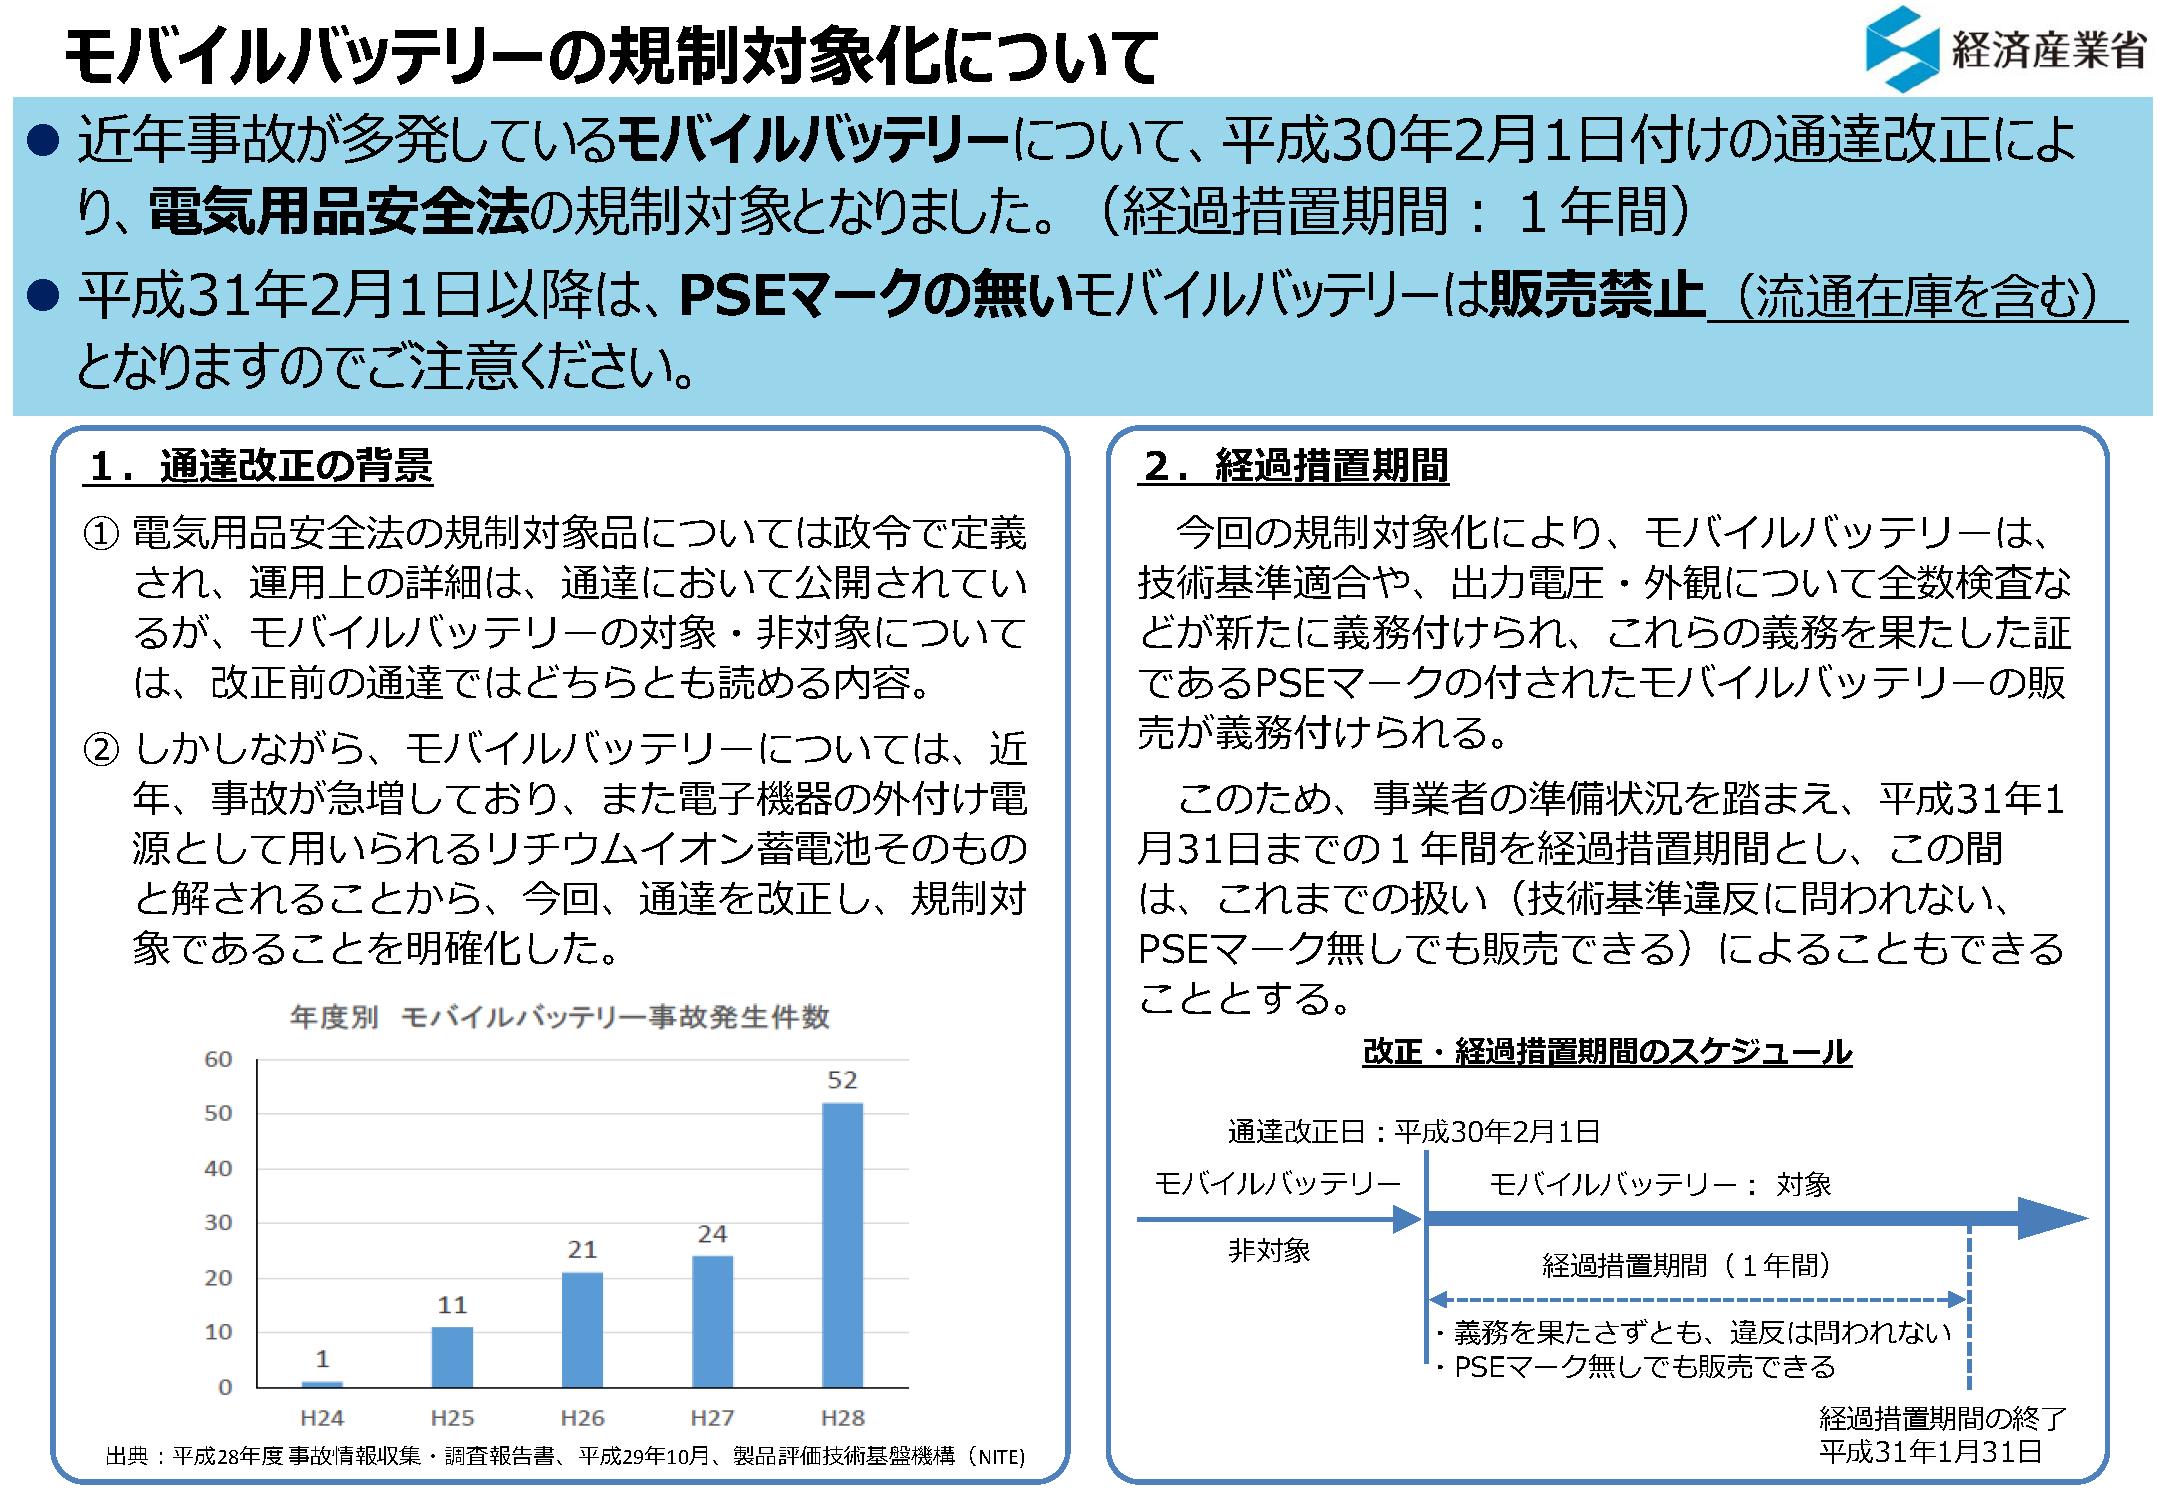 【摩尔资讯】日本将移动电源纳入PSE圆形认证范围